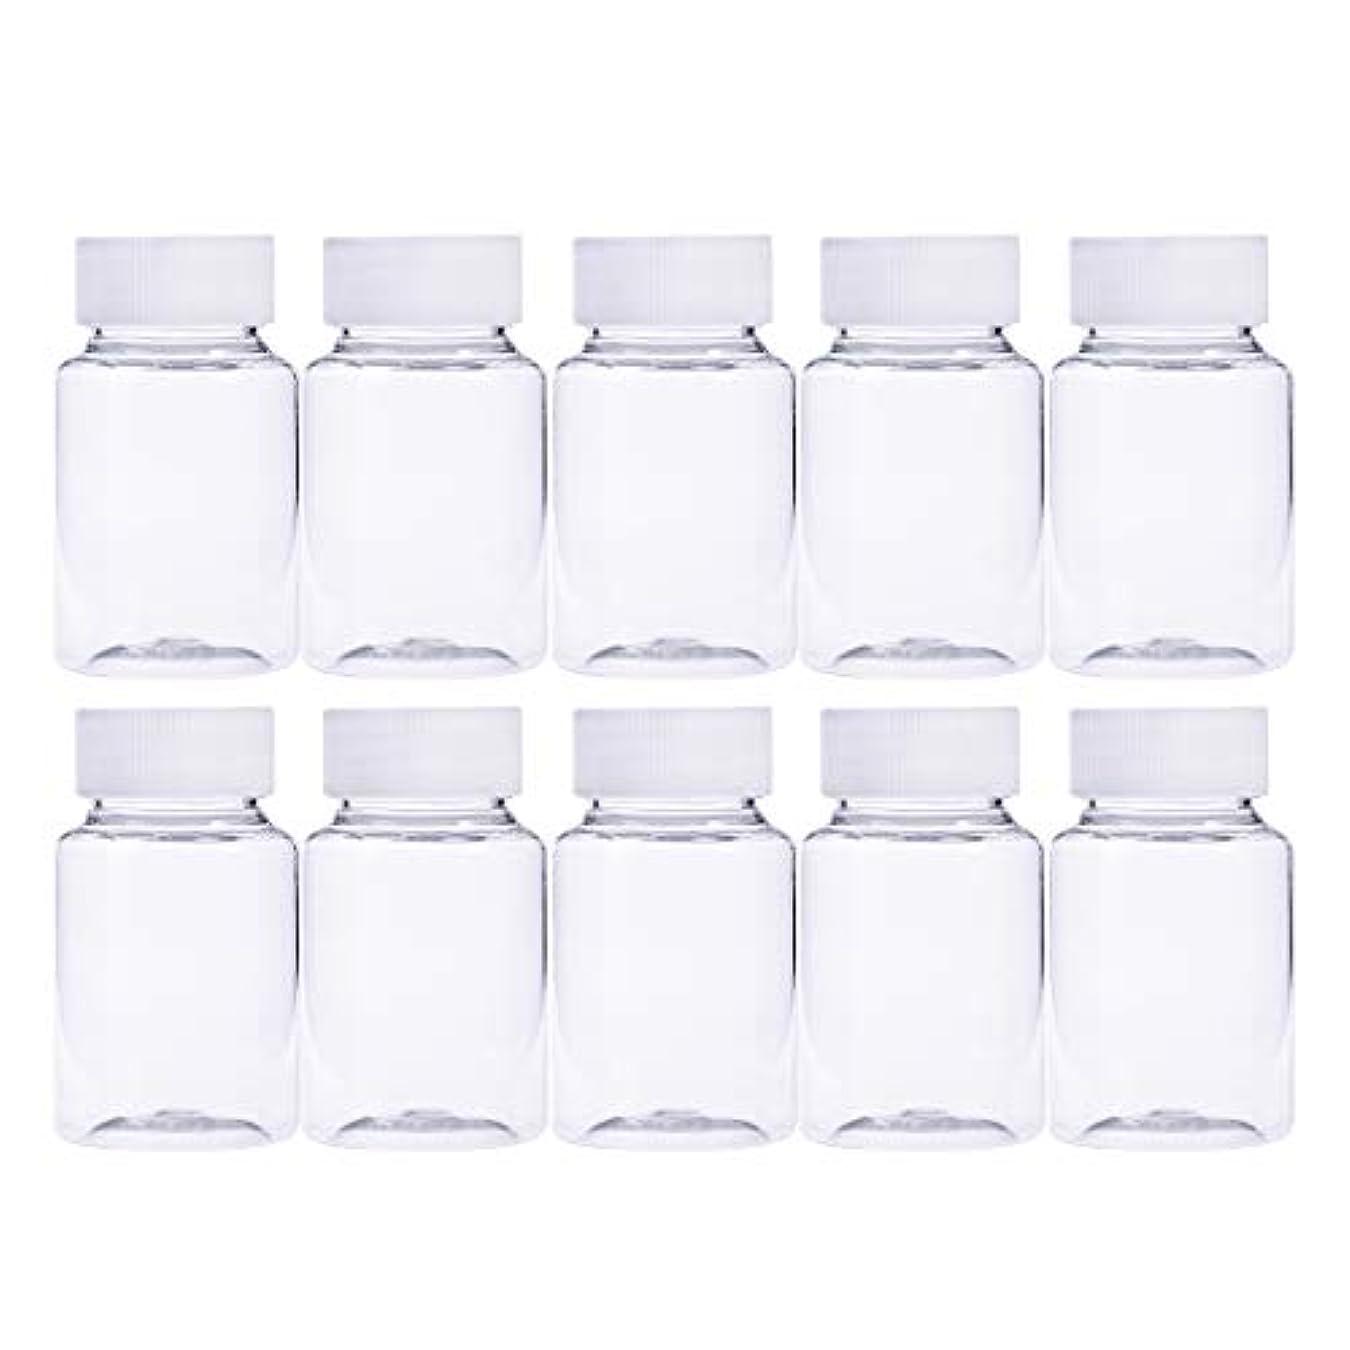 結婚火属性Frcolor 12個 80ml 小分けボトル 広口 クリア 詰め替え容器 薬保存 ビーズ収納 液体 化学薬品収納ボトル 化粧小分け容器 プラスチック容器